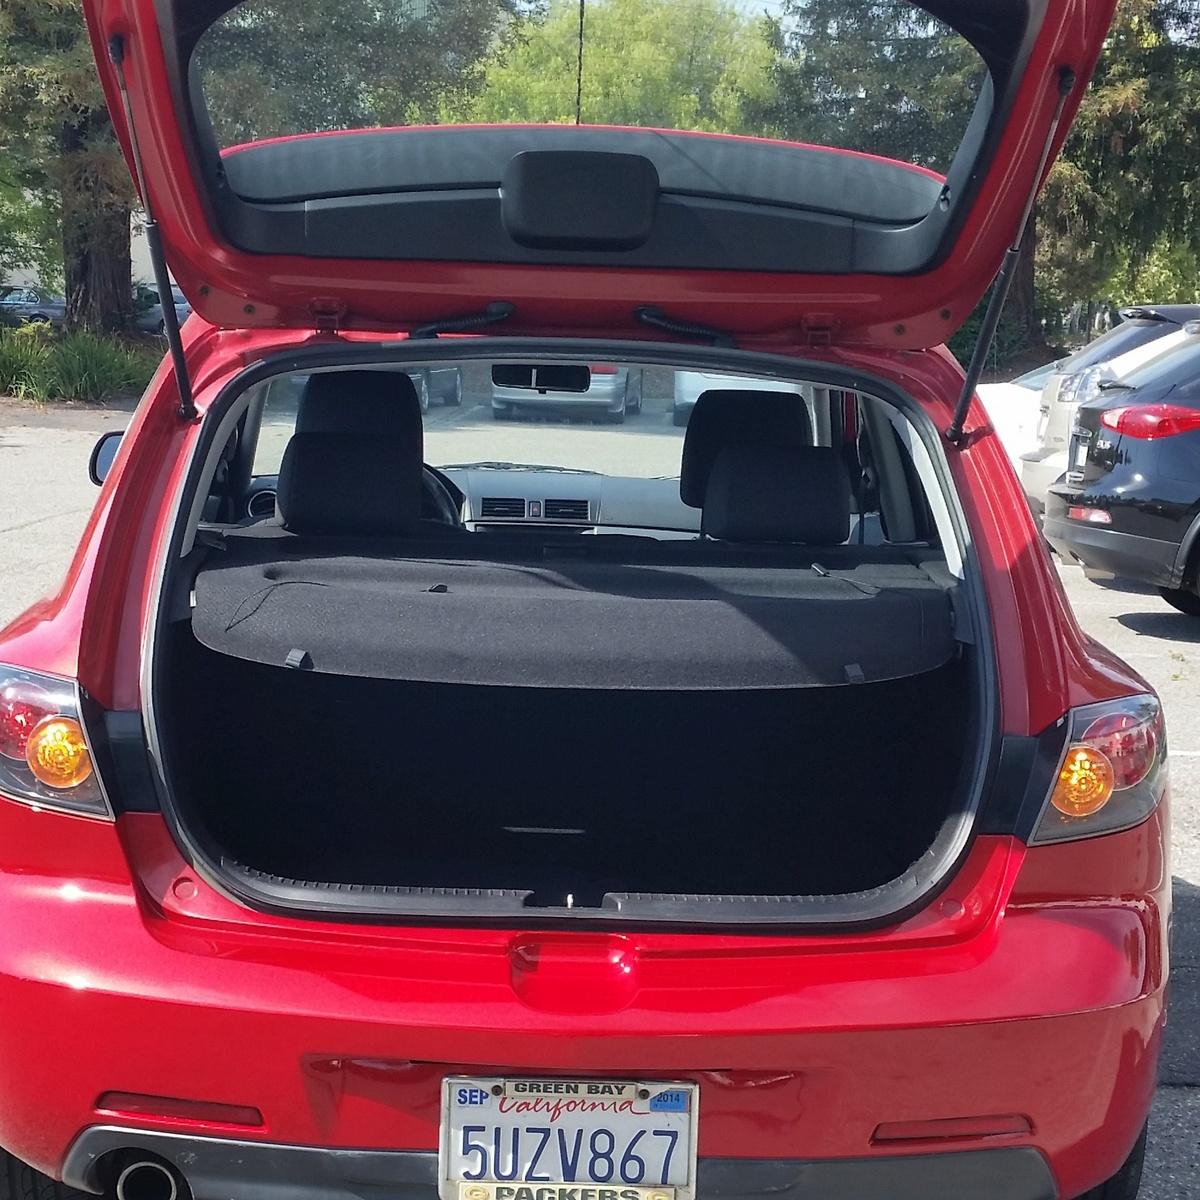 2009 Mazda Tribute Interior: Interior Pictures